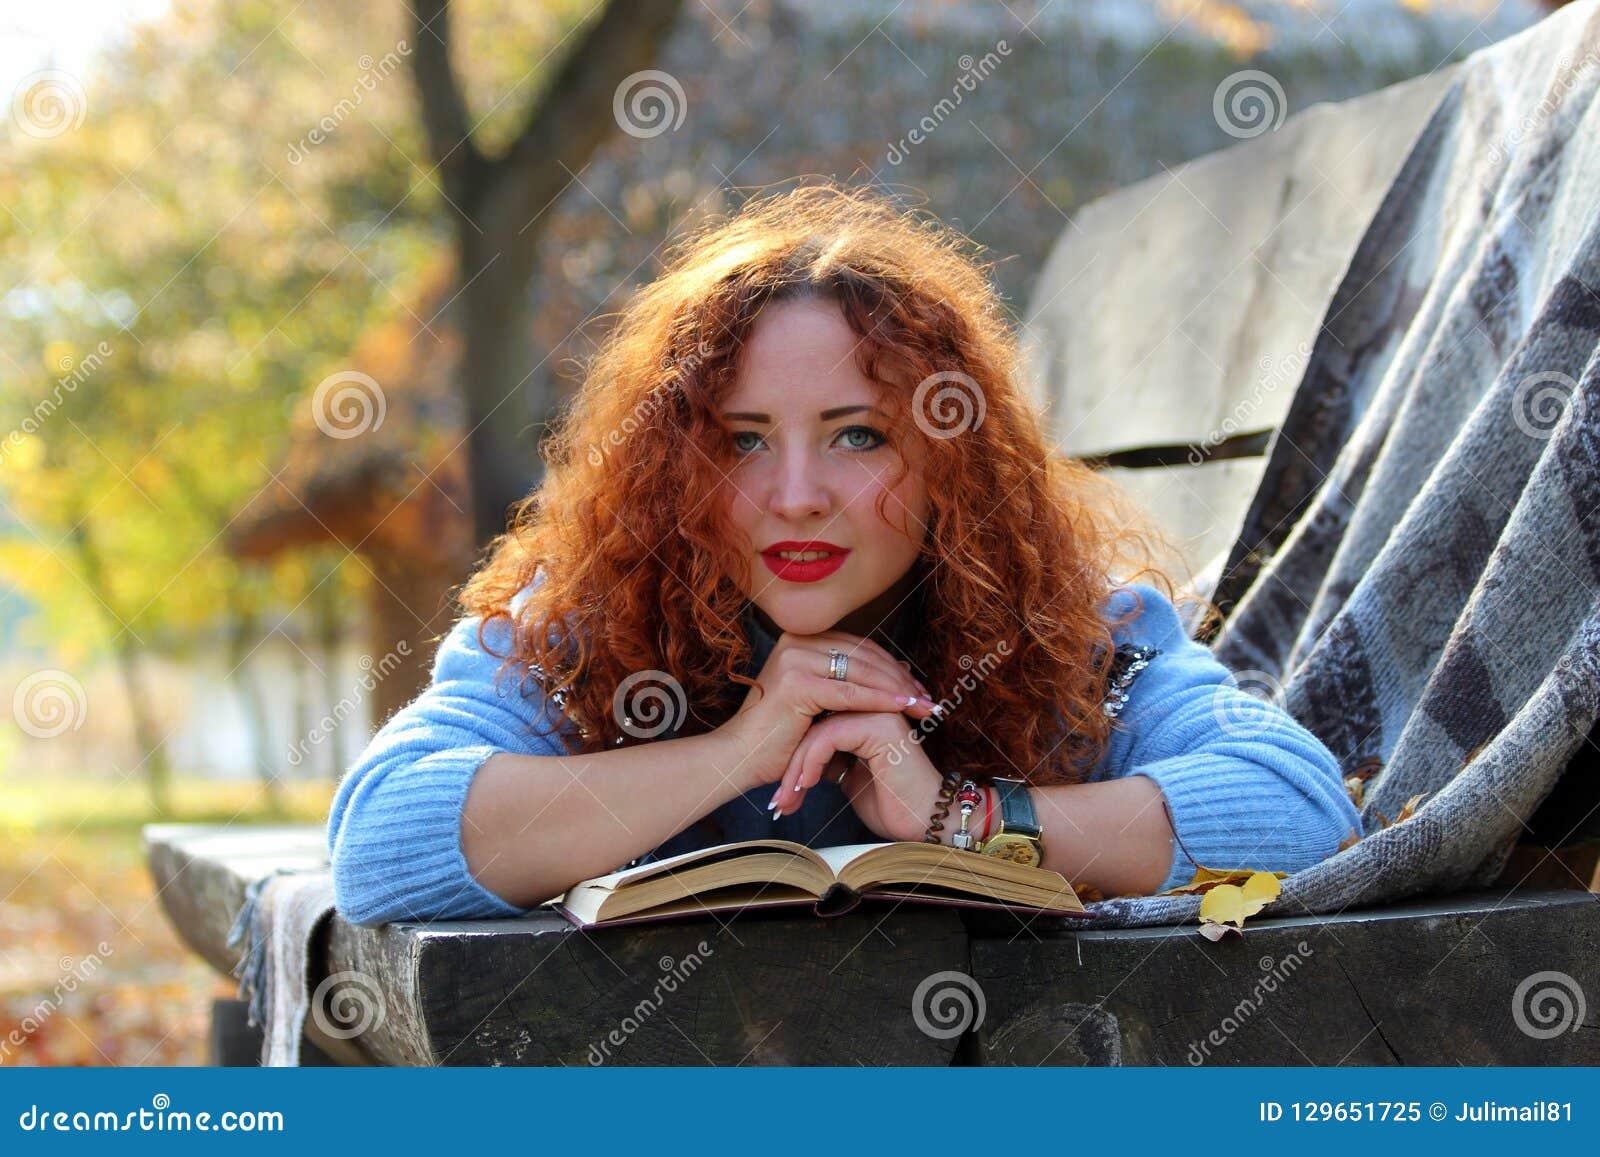 Den härliga kvinnan med rött hår ligger på en bänk med en bok och gula sidor och ser in i kameran Autumn Park Backgroun